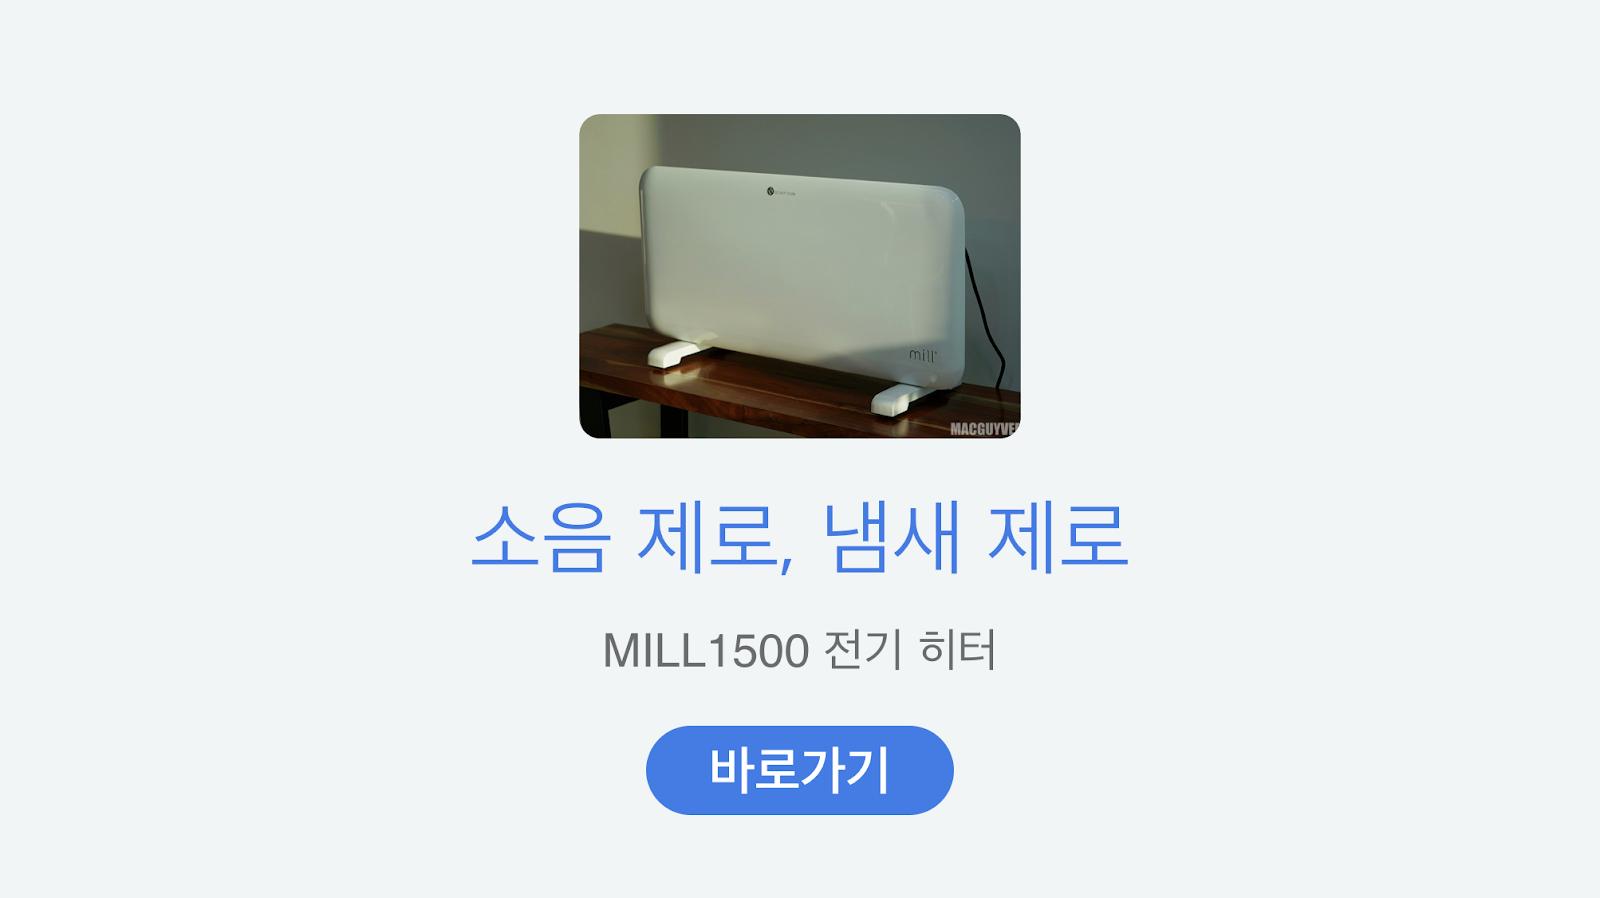 http://item.gmarket.co.kr/Item?goodsCode=1495310326